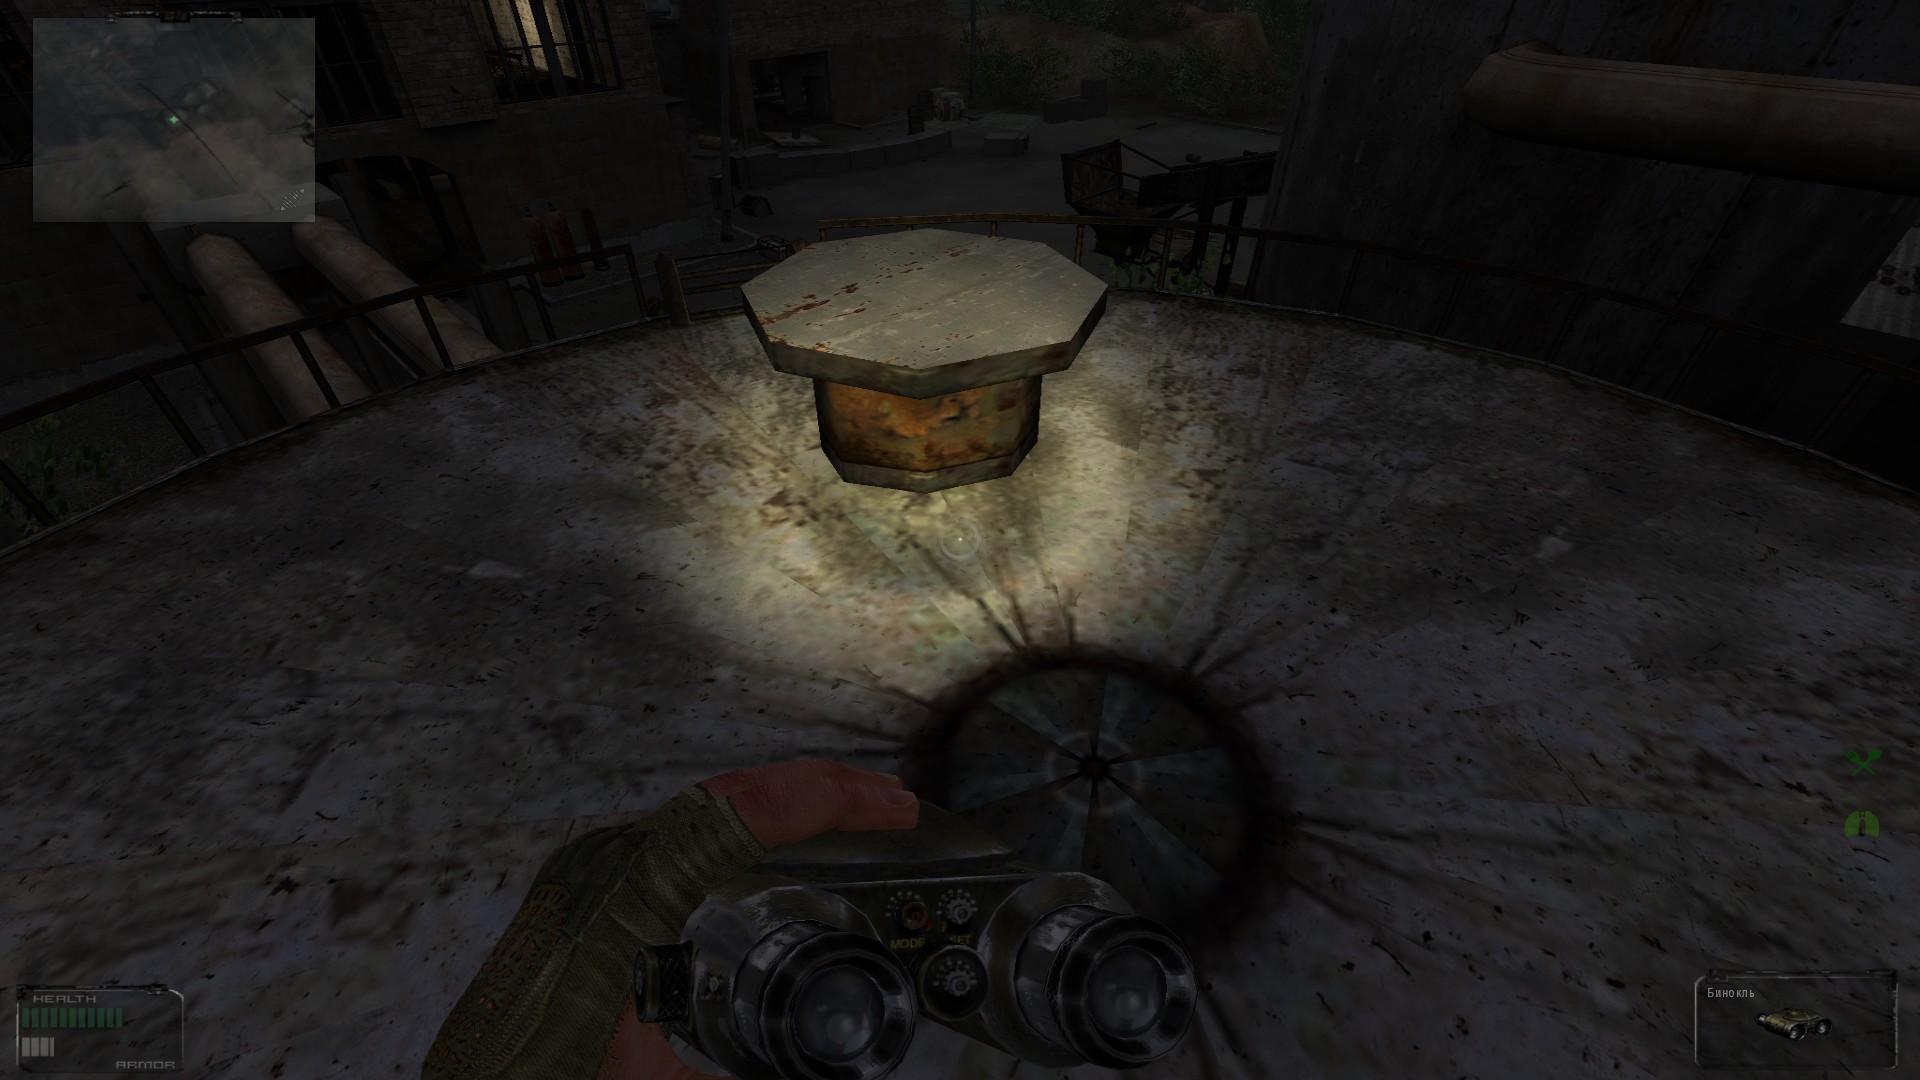 Oblivion Lost Remake 2.5 image 22